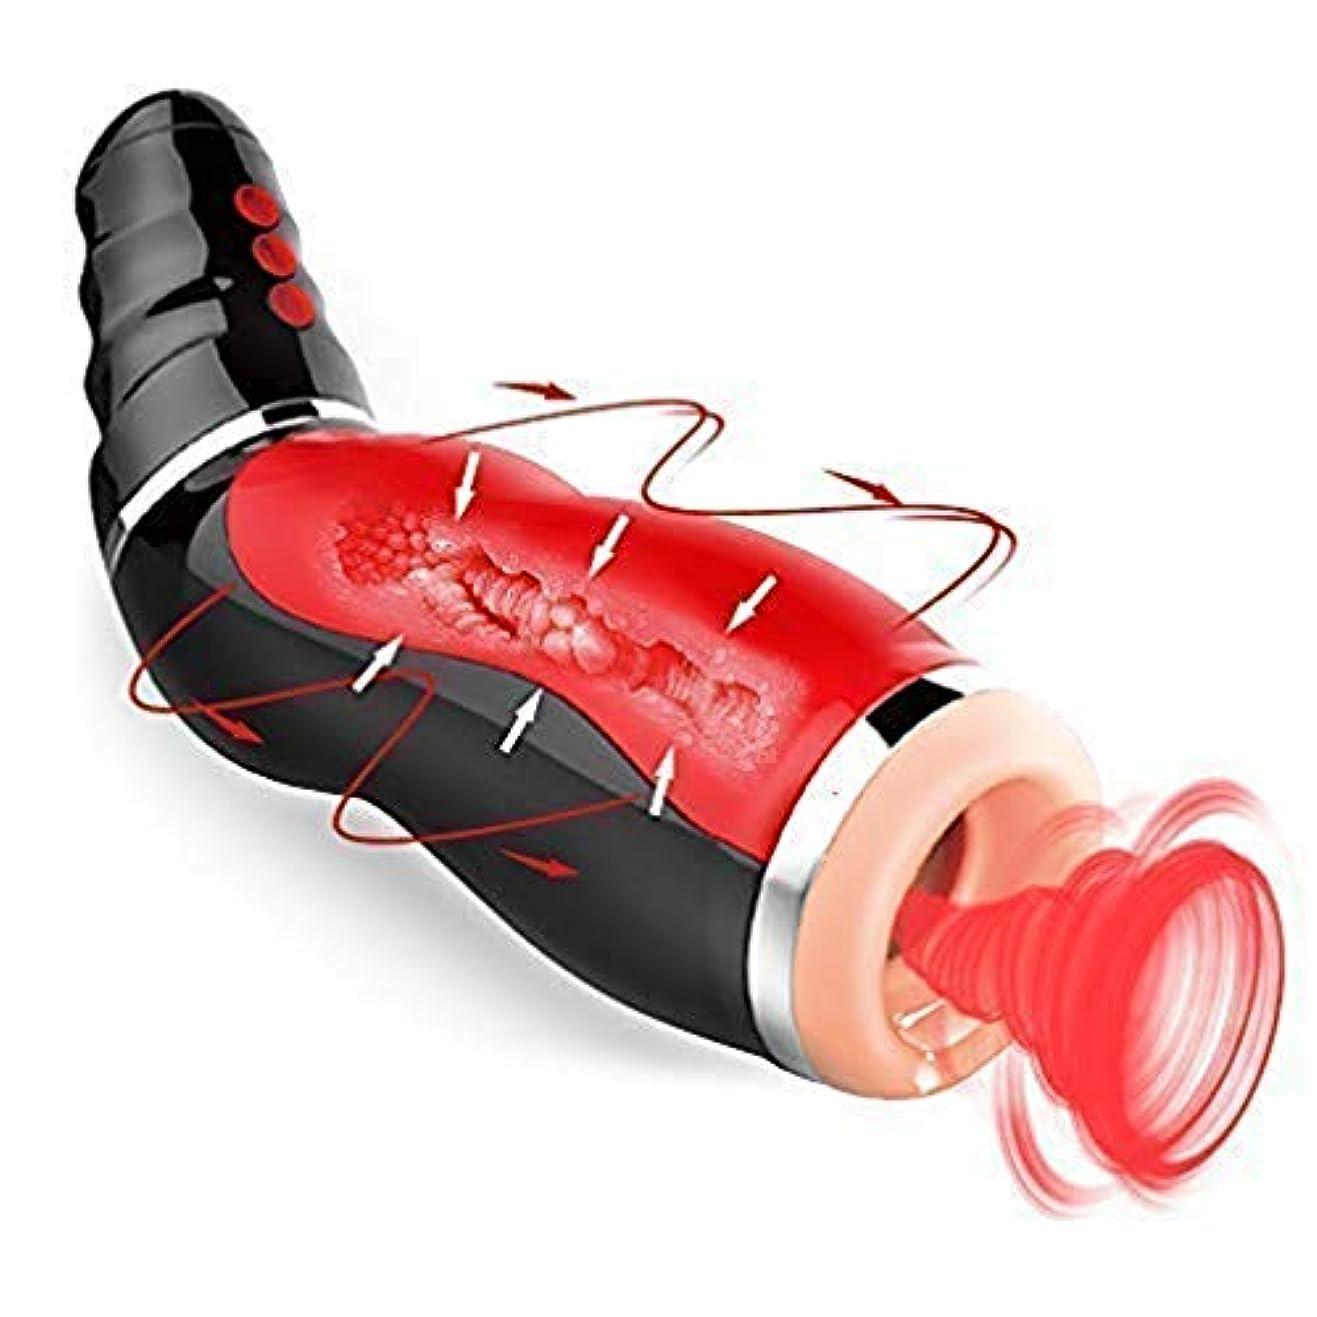 代表フレキシブルミュウミュウWoouu 男性リラックス180度回転ハンズフリーカップ10回転10伸縮式マスターバスカップ全自動吸盤